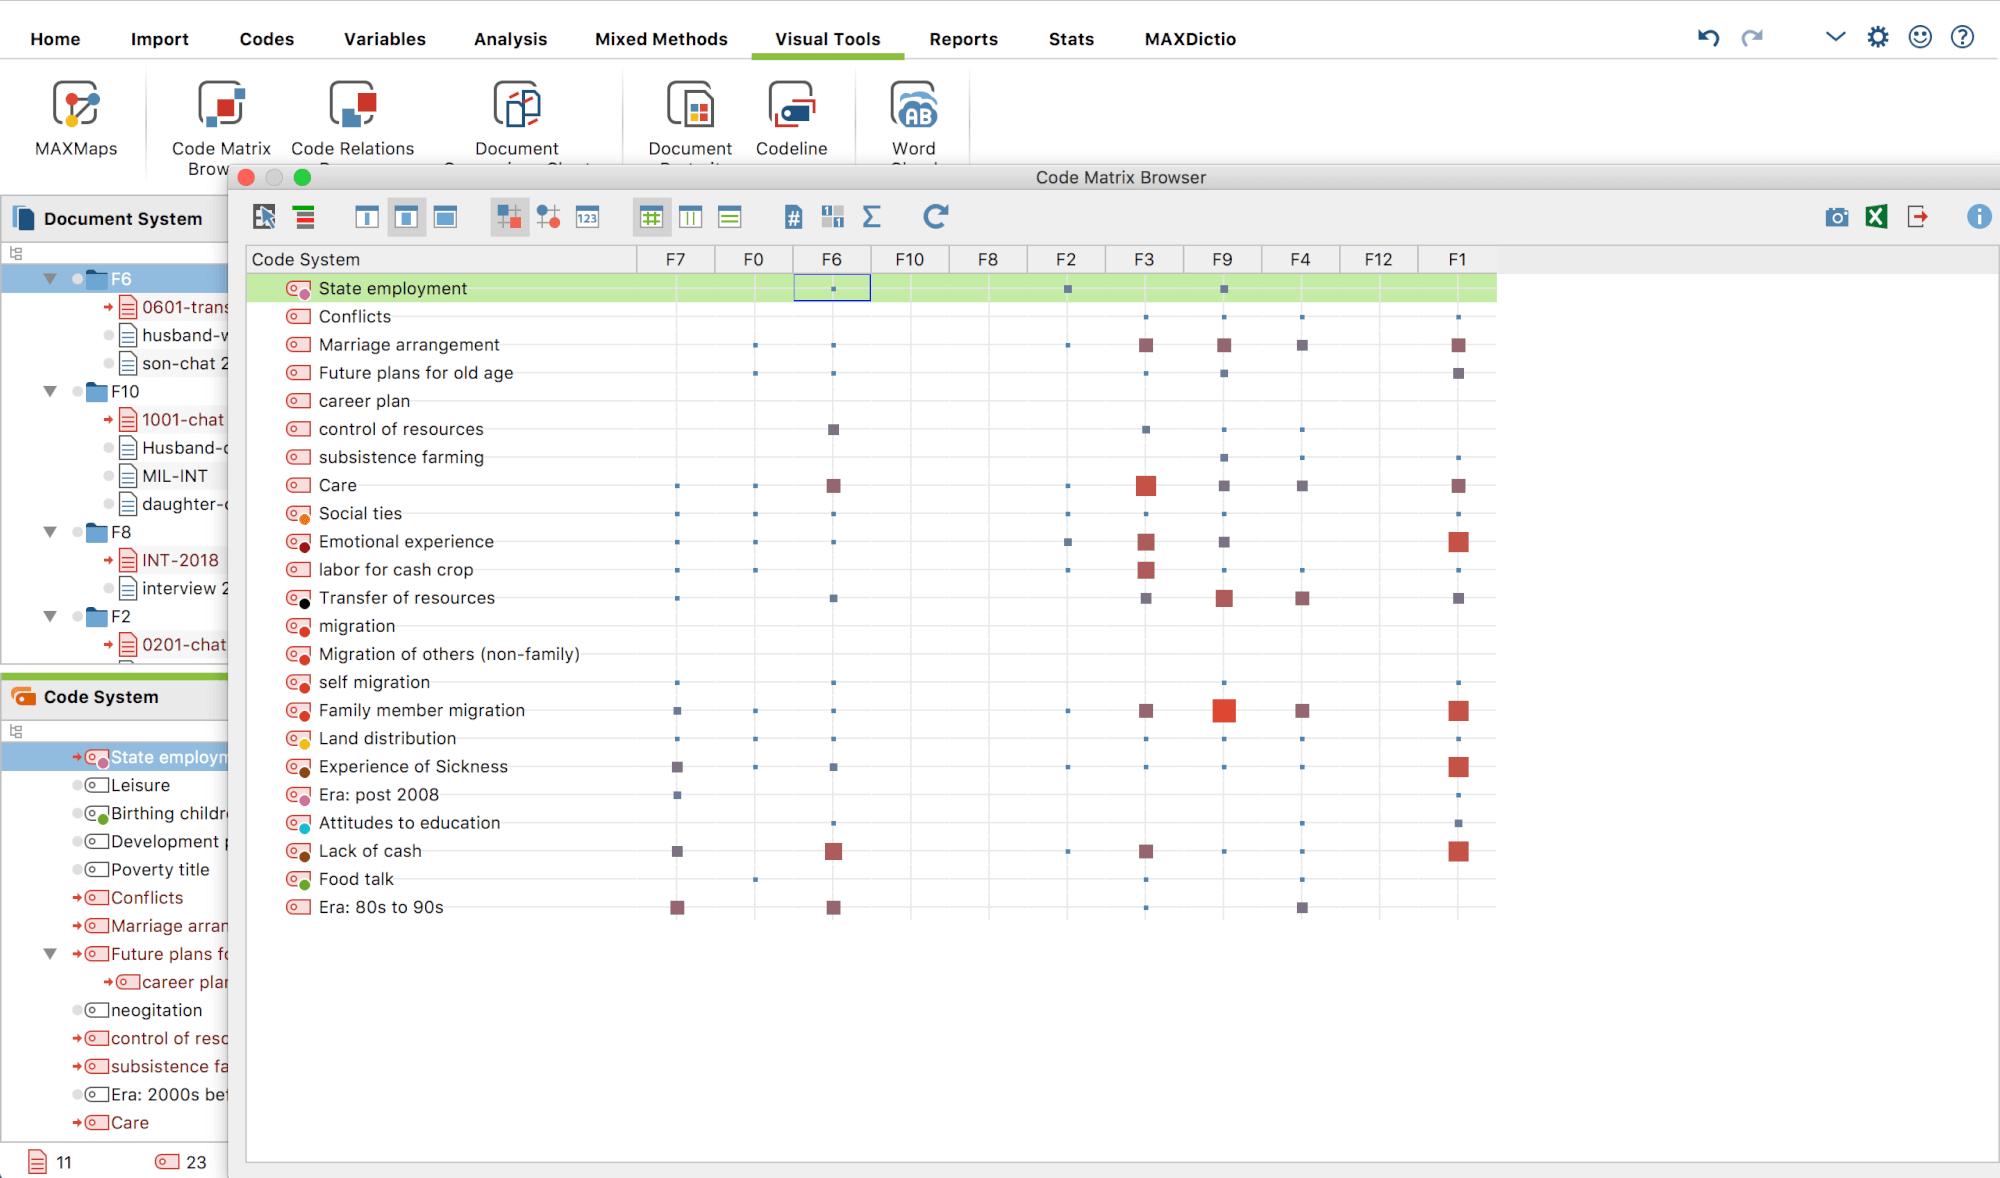 Analysis with MAXQDA Visual Tools